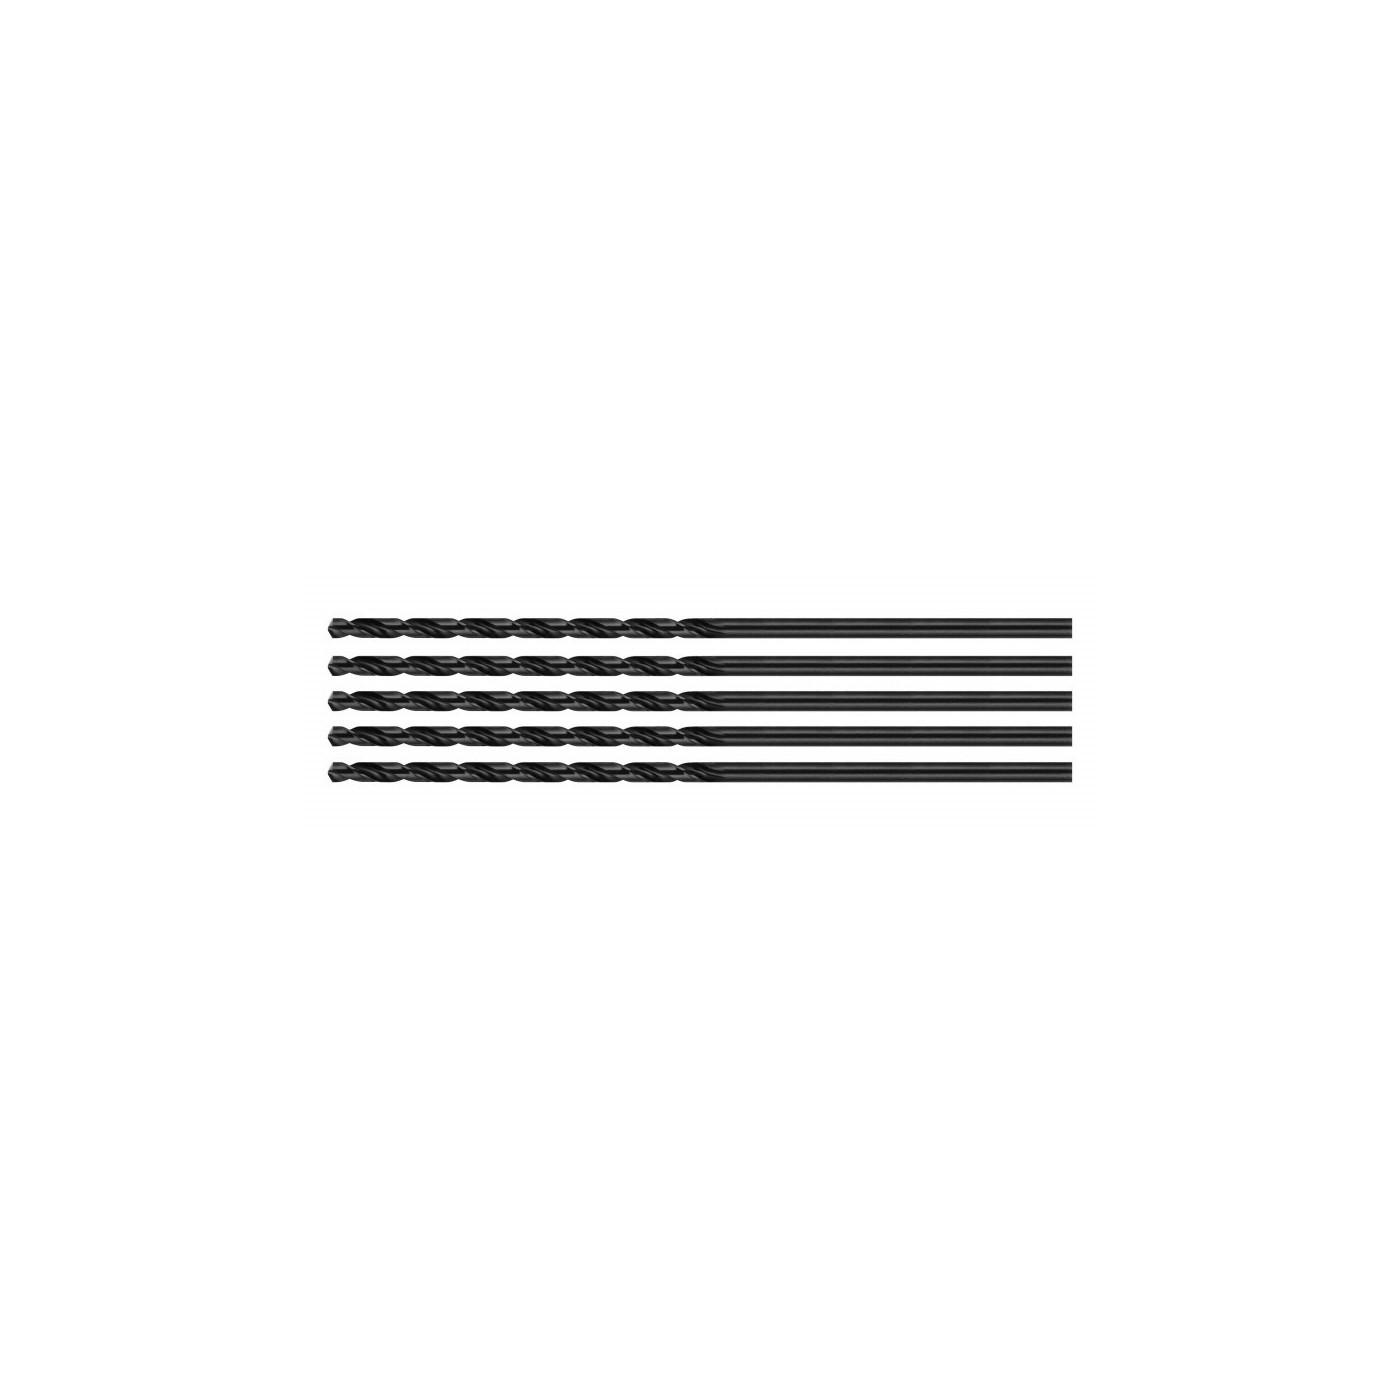 Set van 5 metaalboren (HSS, 3,0x160 mm)